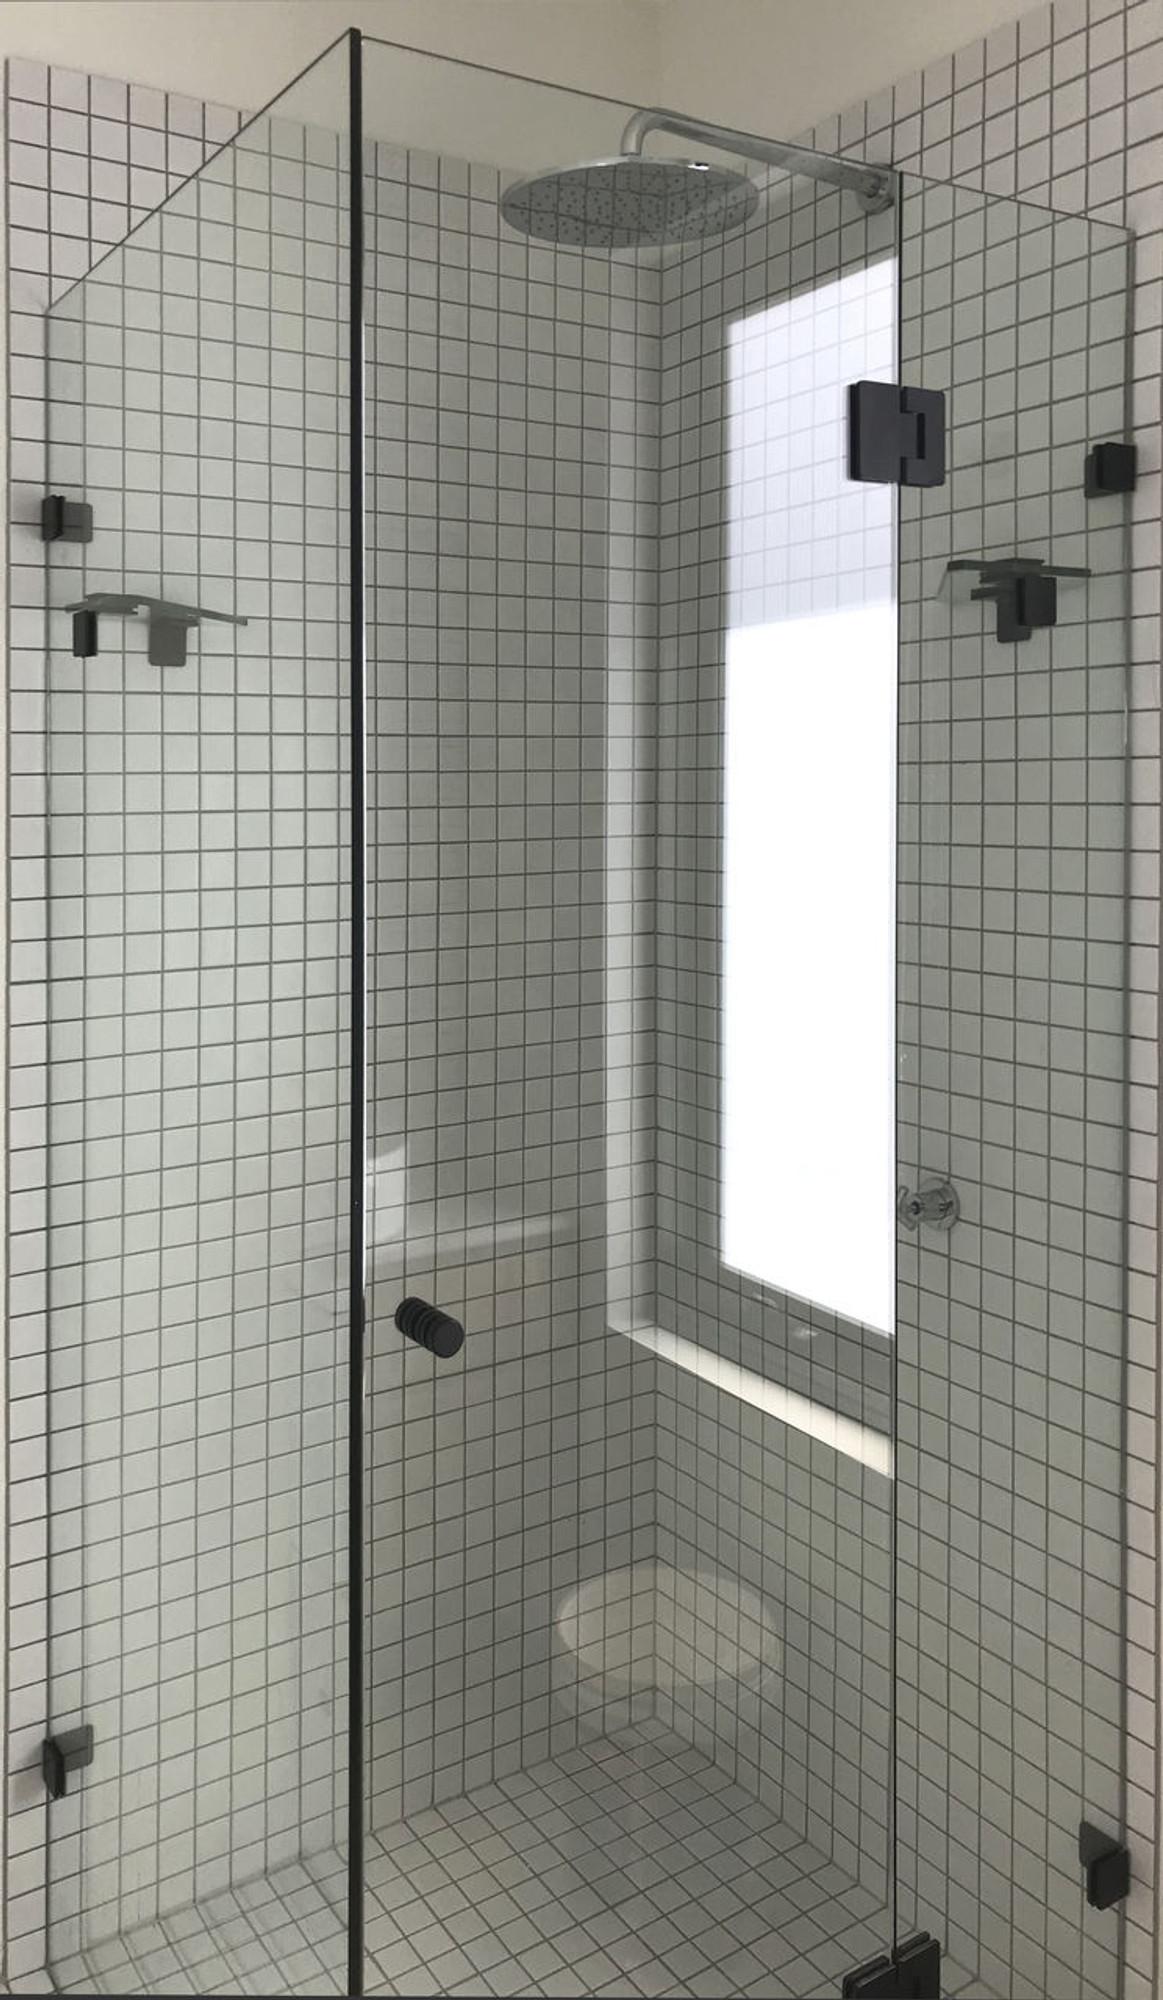 Wall To Wall Frameless Shower Screen 1240 2440mm A B C 3 Panels